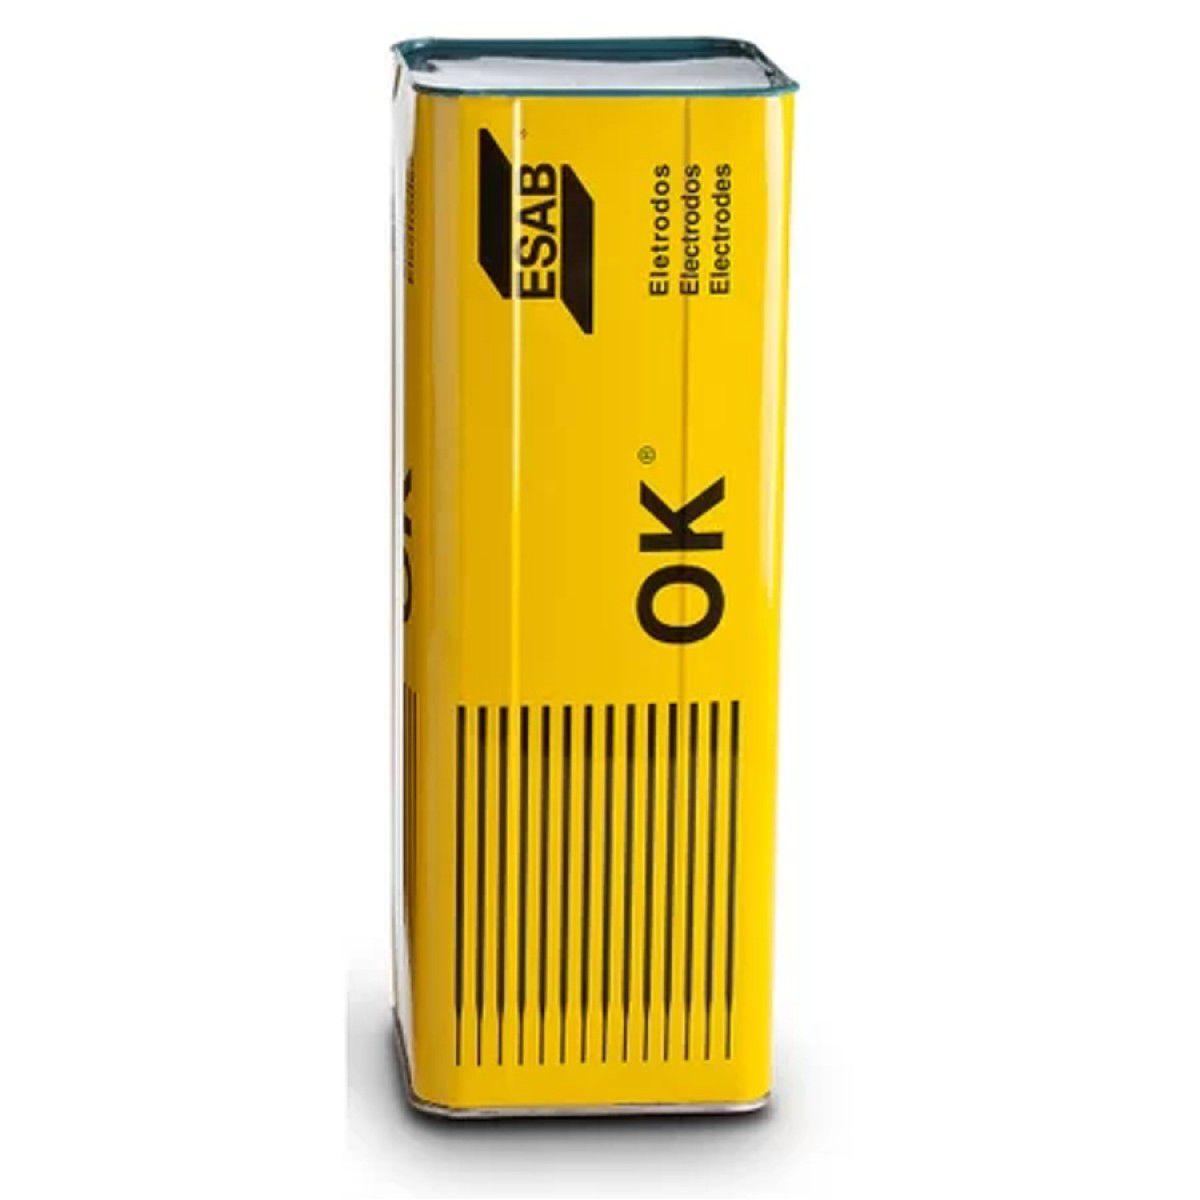 ELETRODO 4804 - 4mm ESAB OK - 1KG